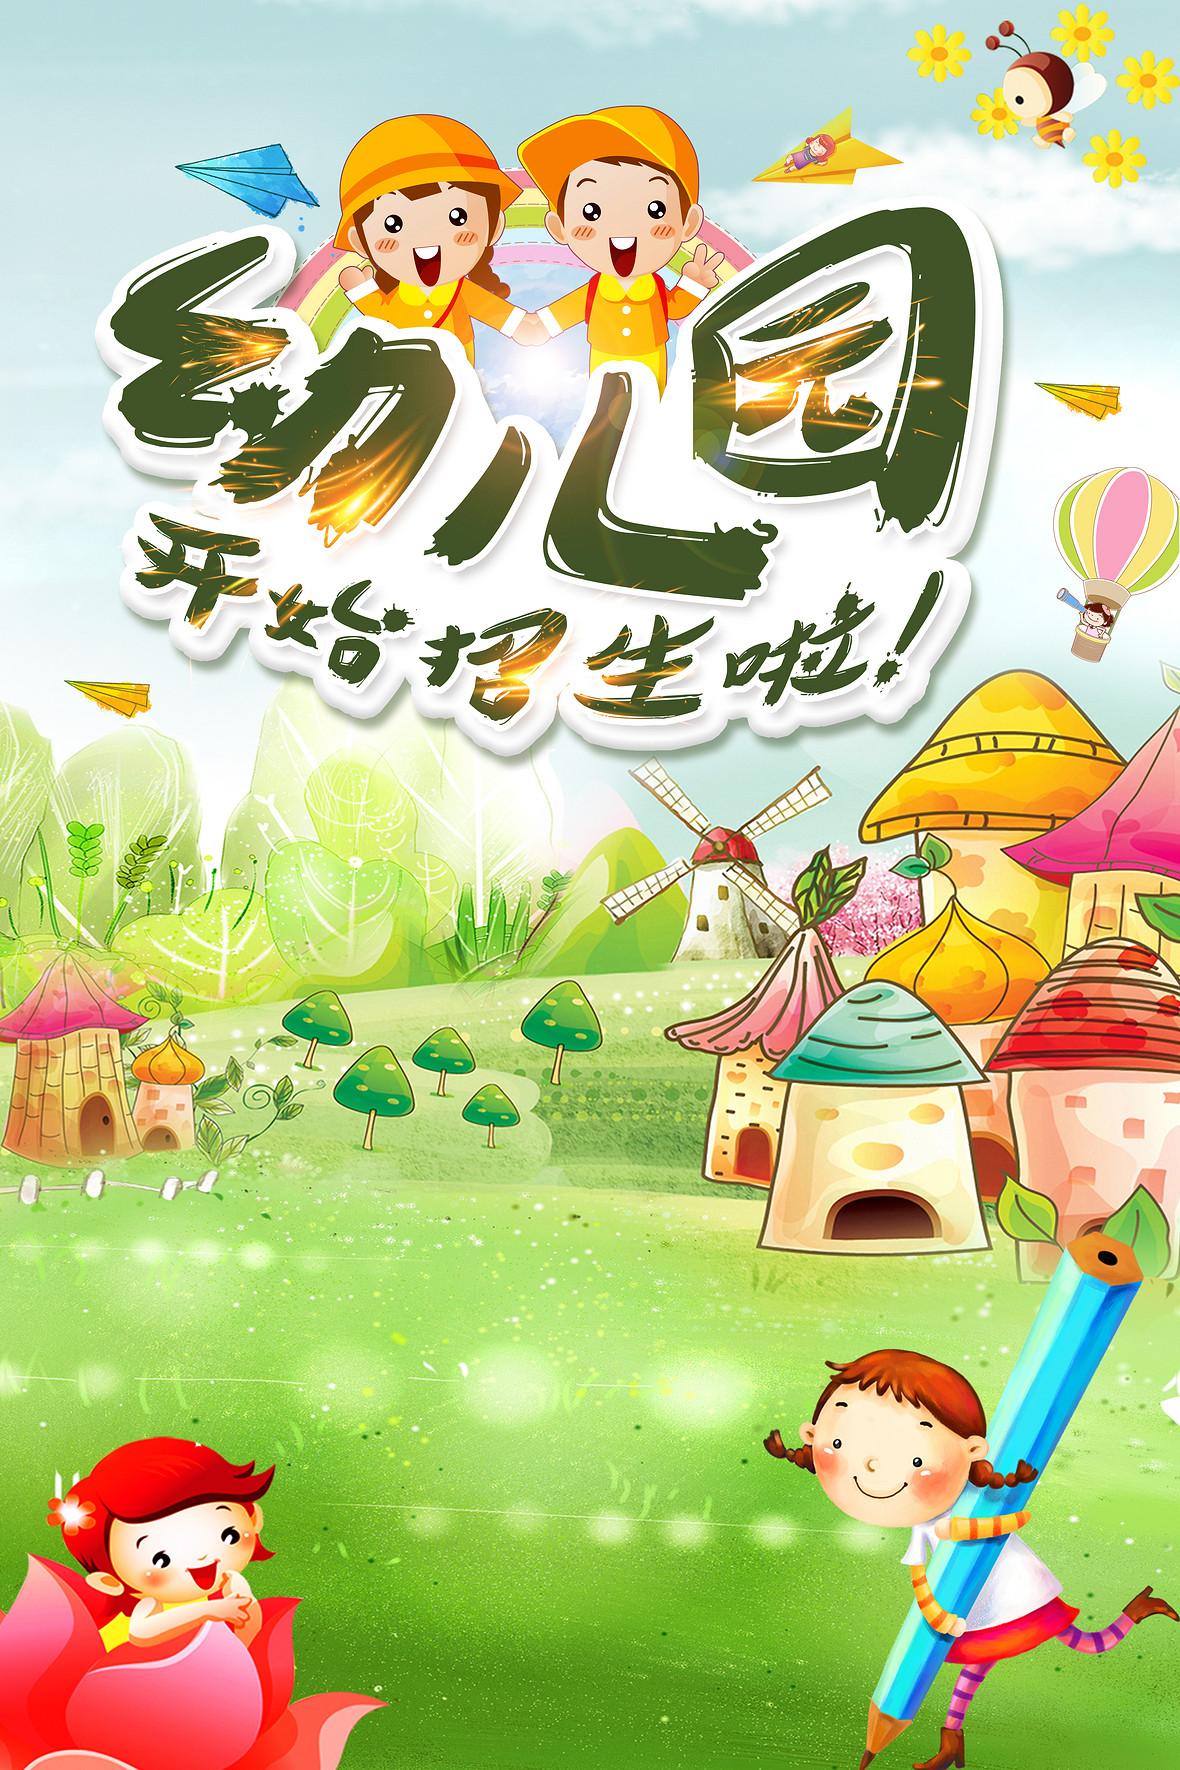 绿色底纹卡通幼儿园招生海报背景